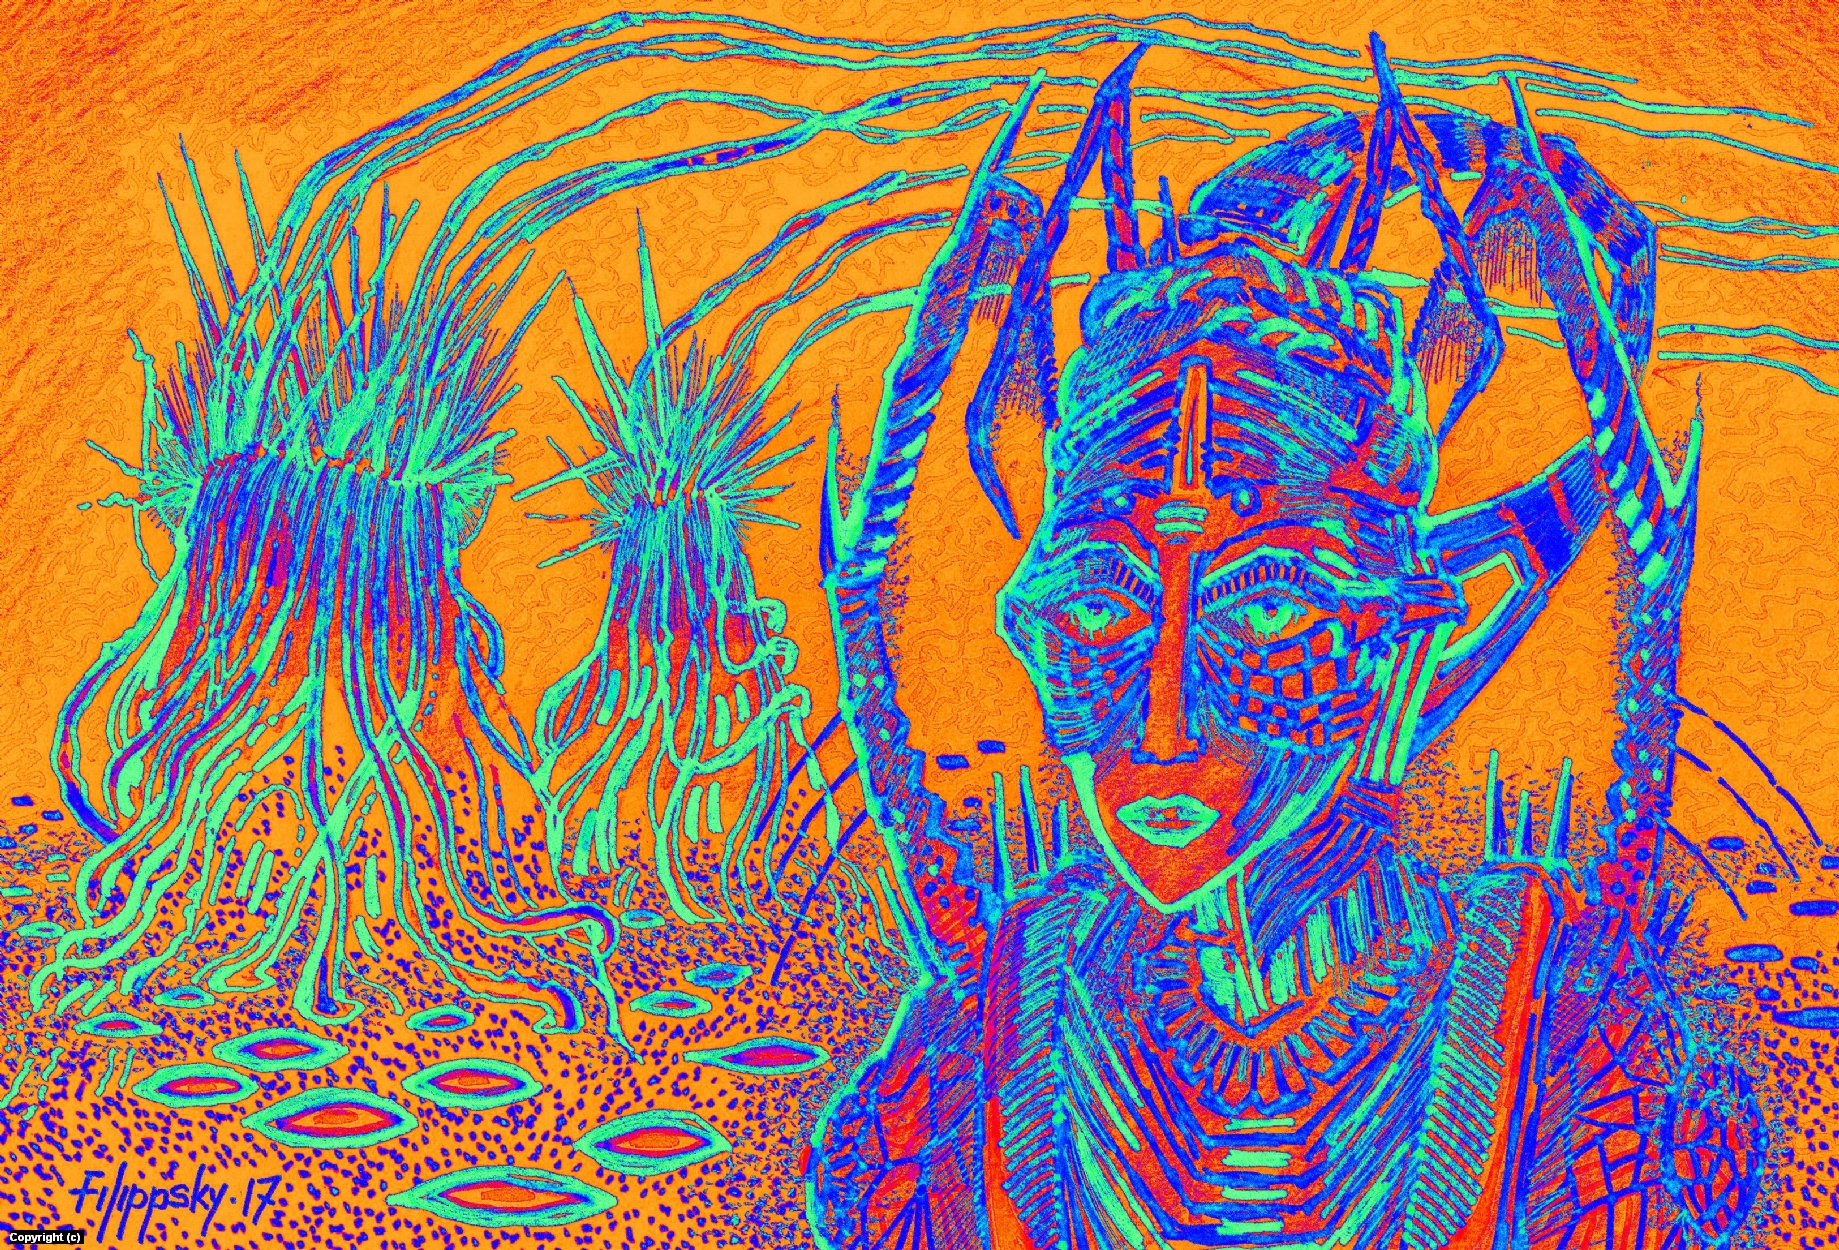 Обитатель. Artwork by Victor Filippsky